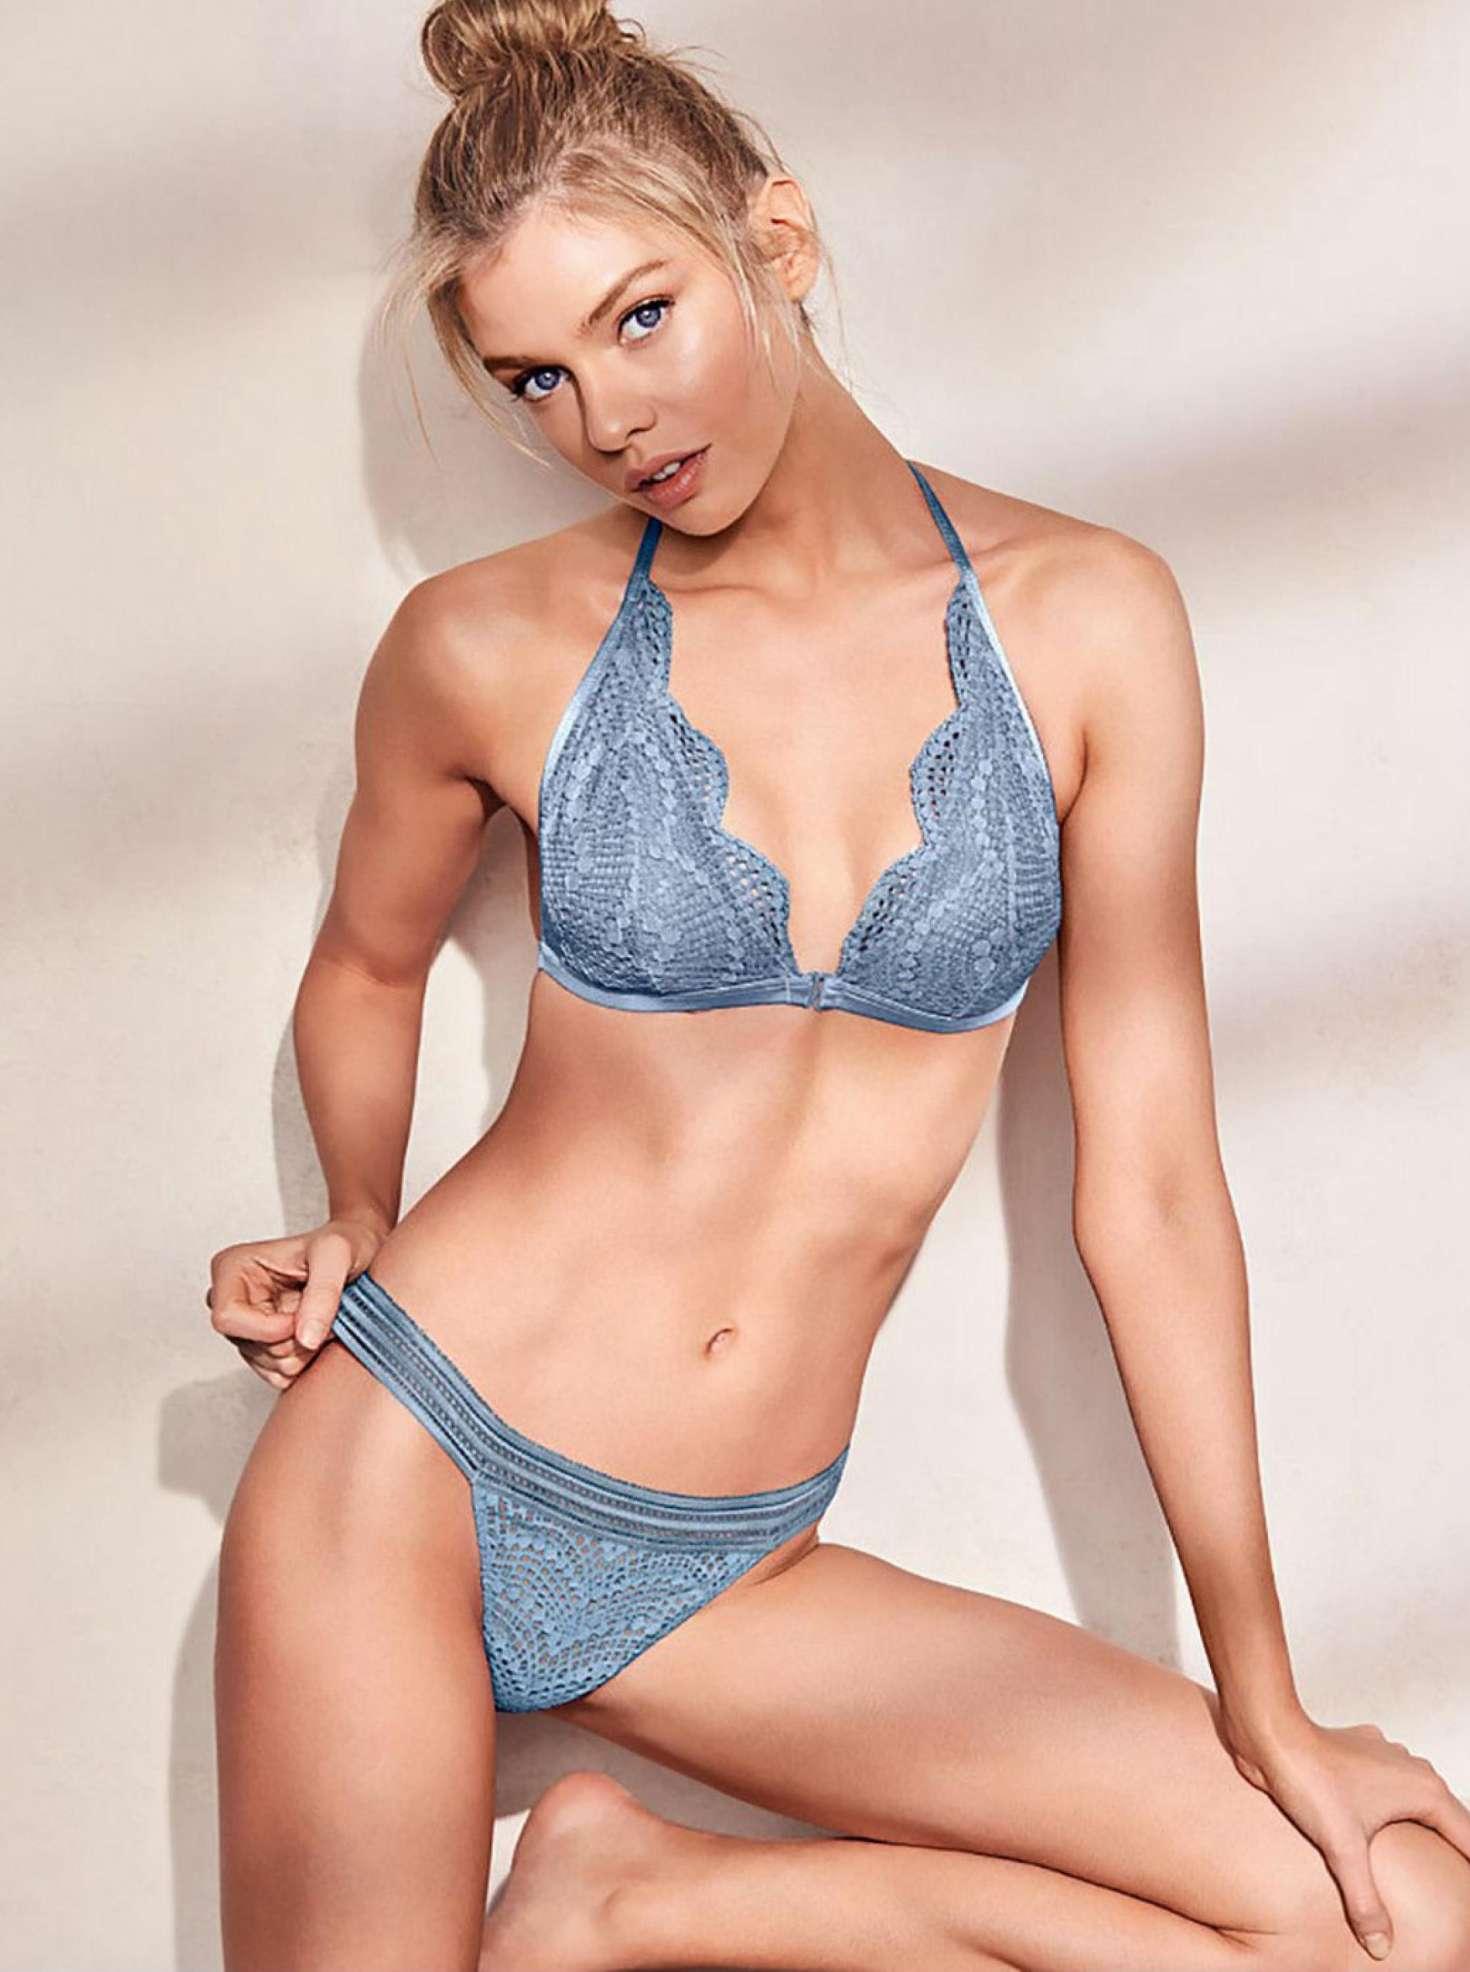 Stella Maxwell amazing boobs pics